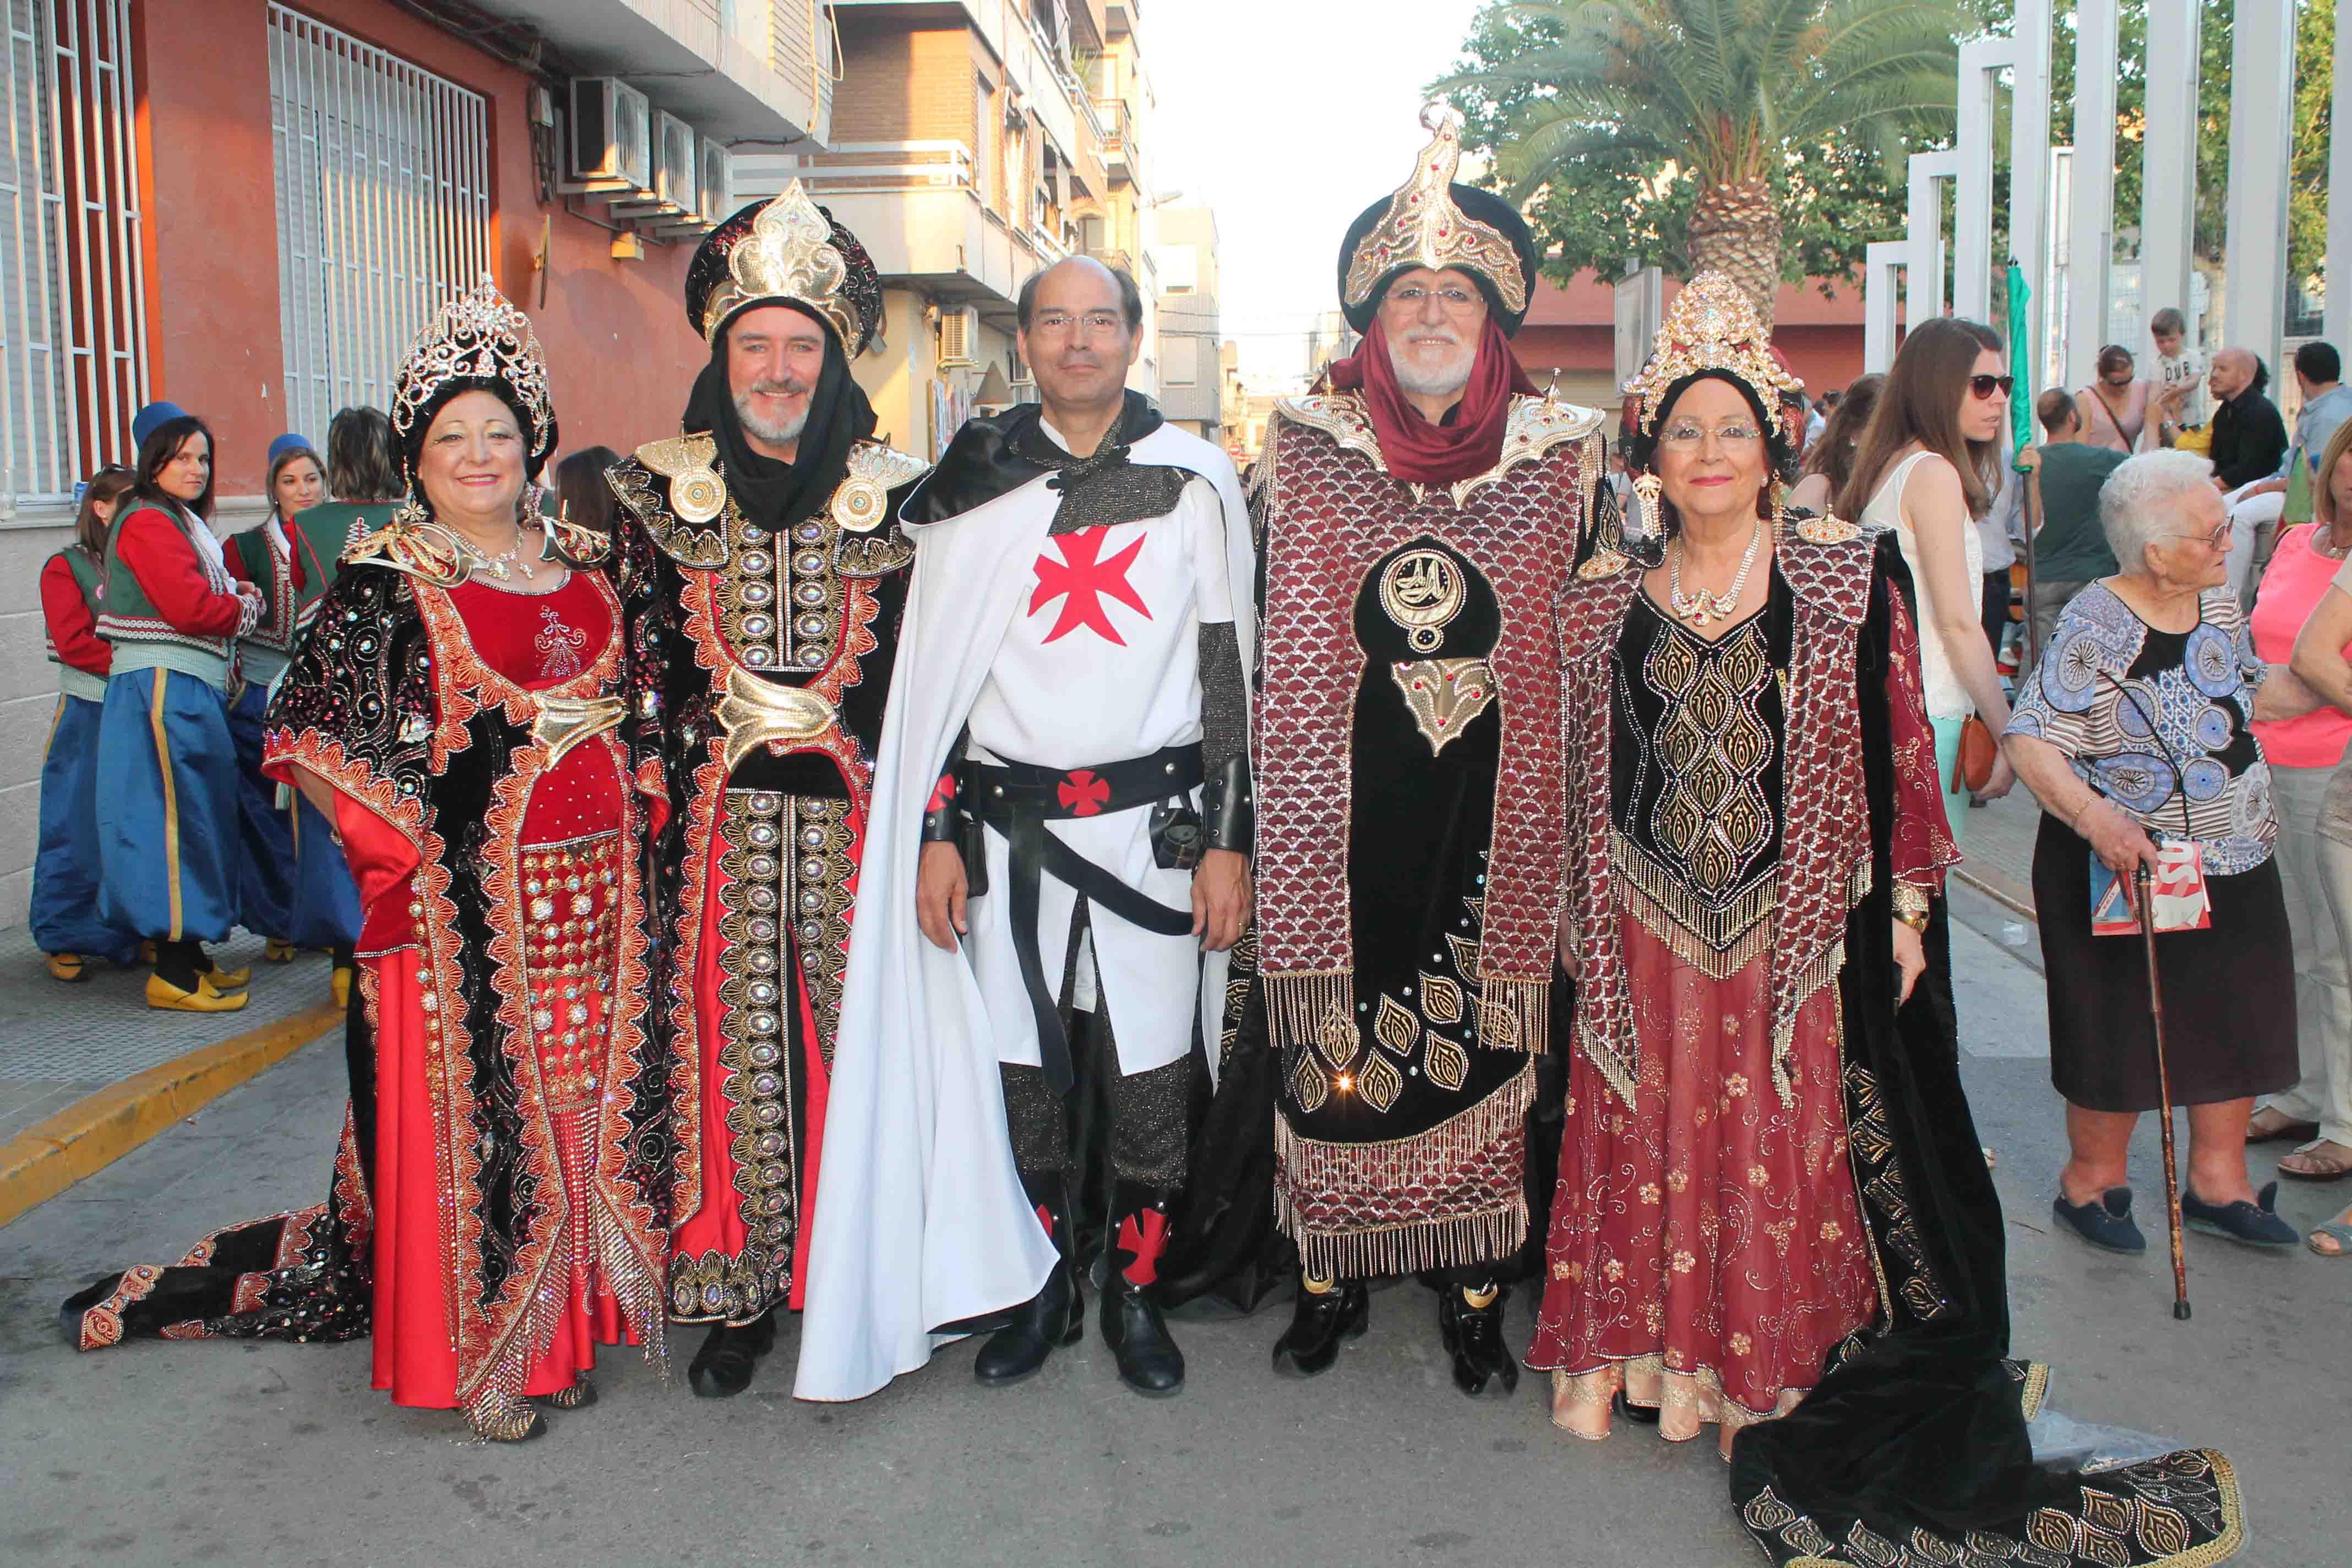 Sedaví ha celebrado la fiesta de Moros y Cristianos en honor a Sant Torquat